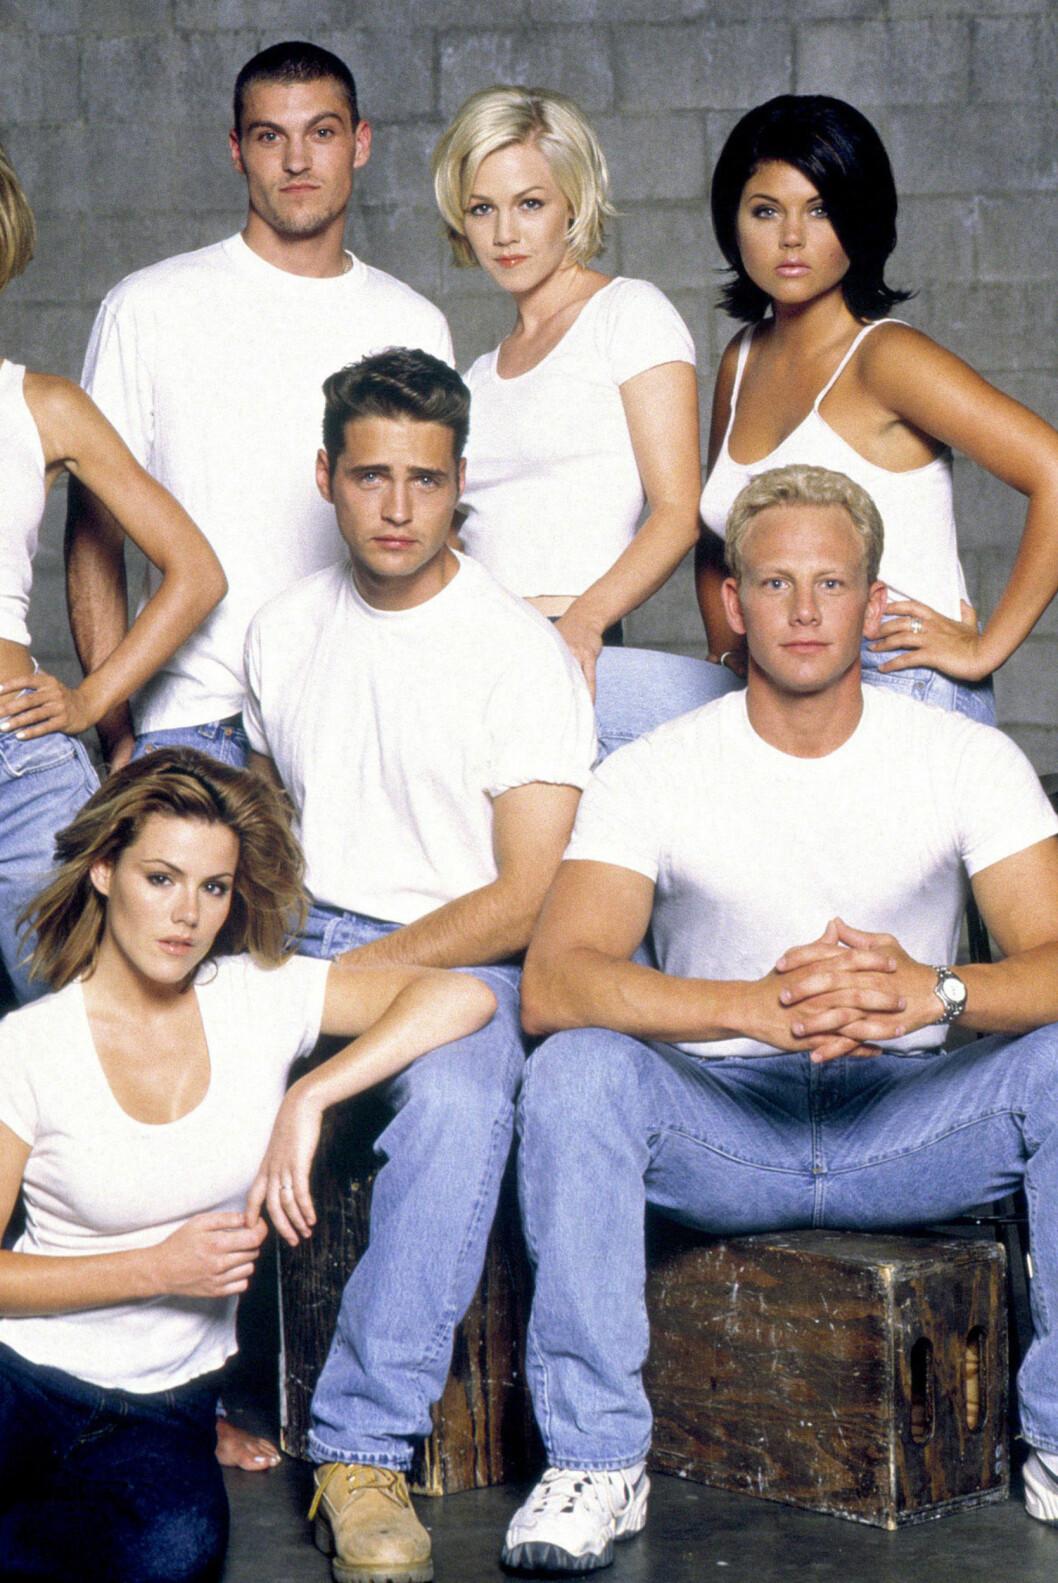 TV-STJERNE: Beverly Hills: 90210 var en av 90-tallets største TV-serier. Her er Thiessen (øverst til høyre) sammen med Ian Ziering, Jason Priestley, Kathleen Robertson, Tori Spelling, Brian Austin Green og Jennie Garth.